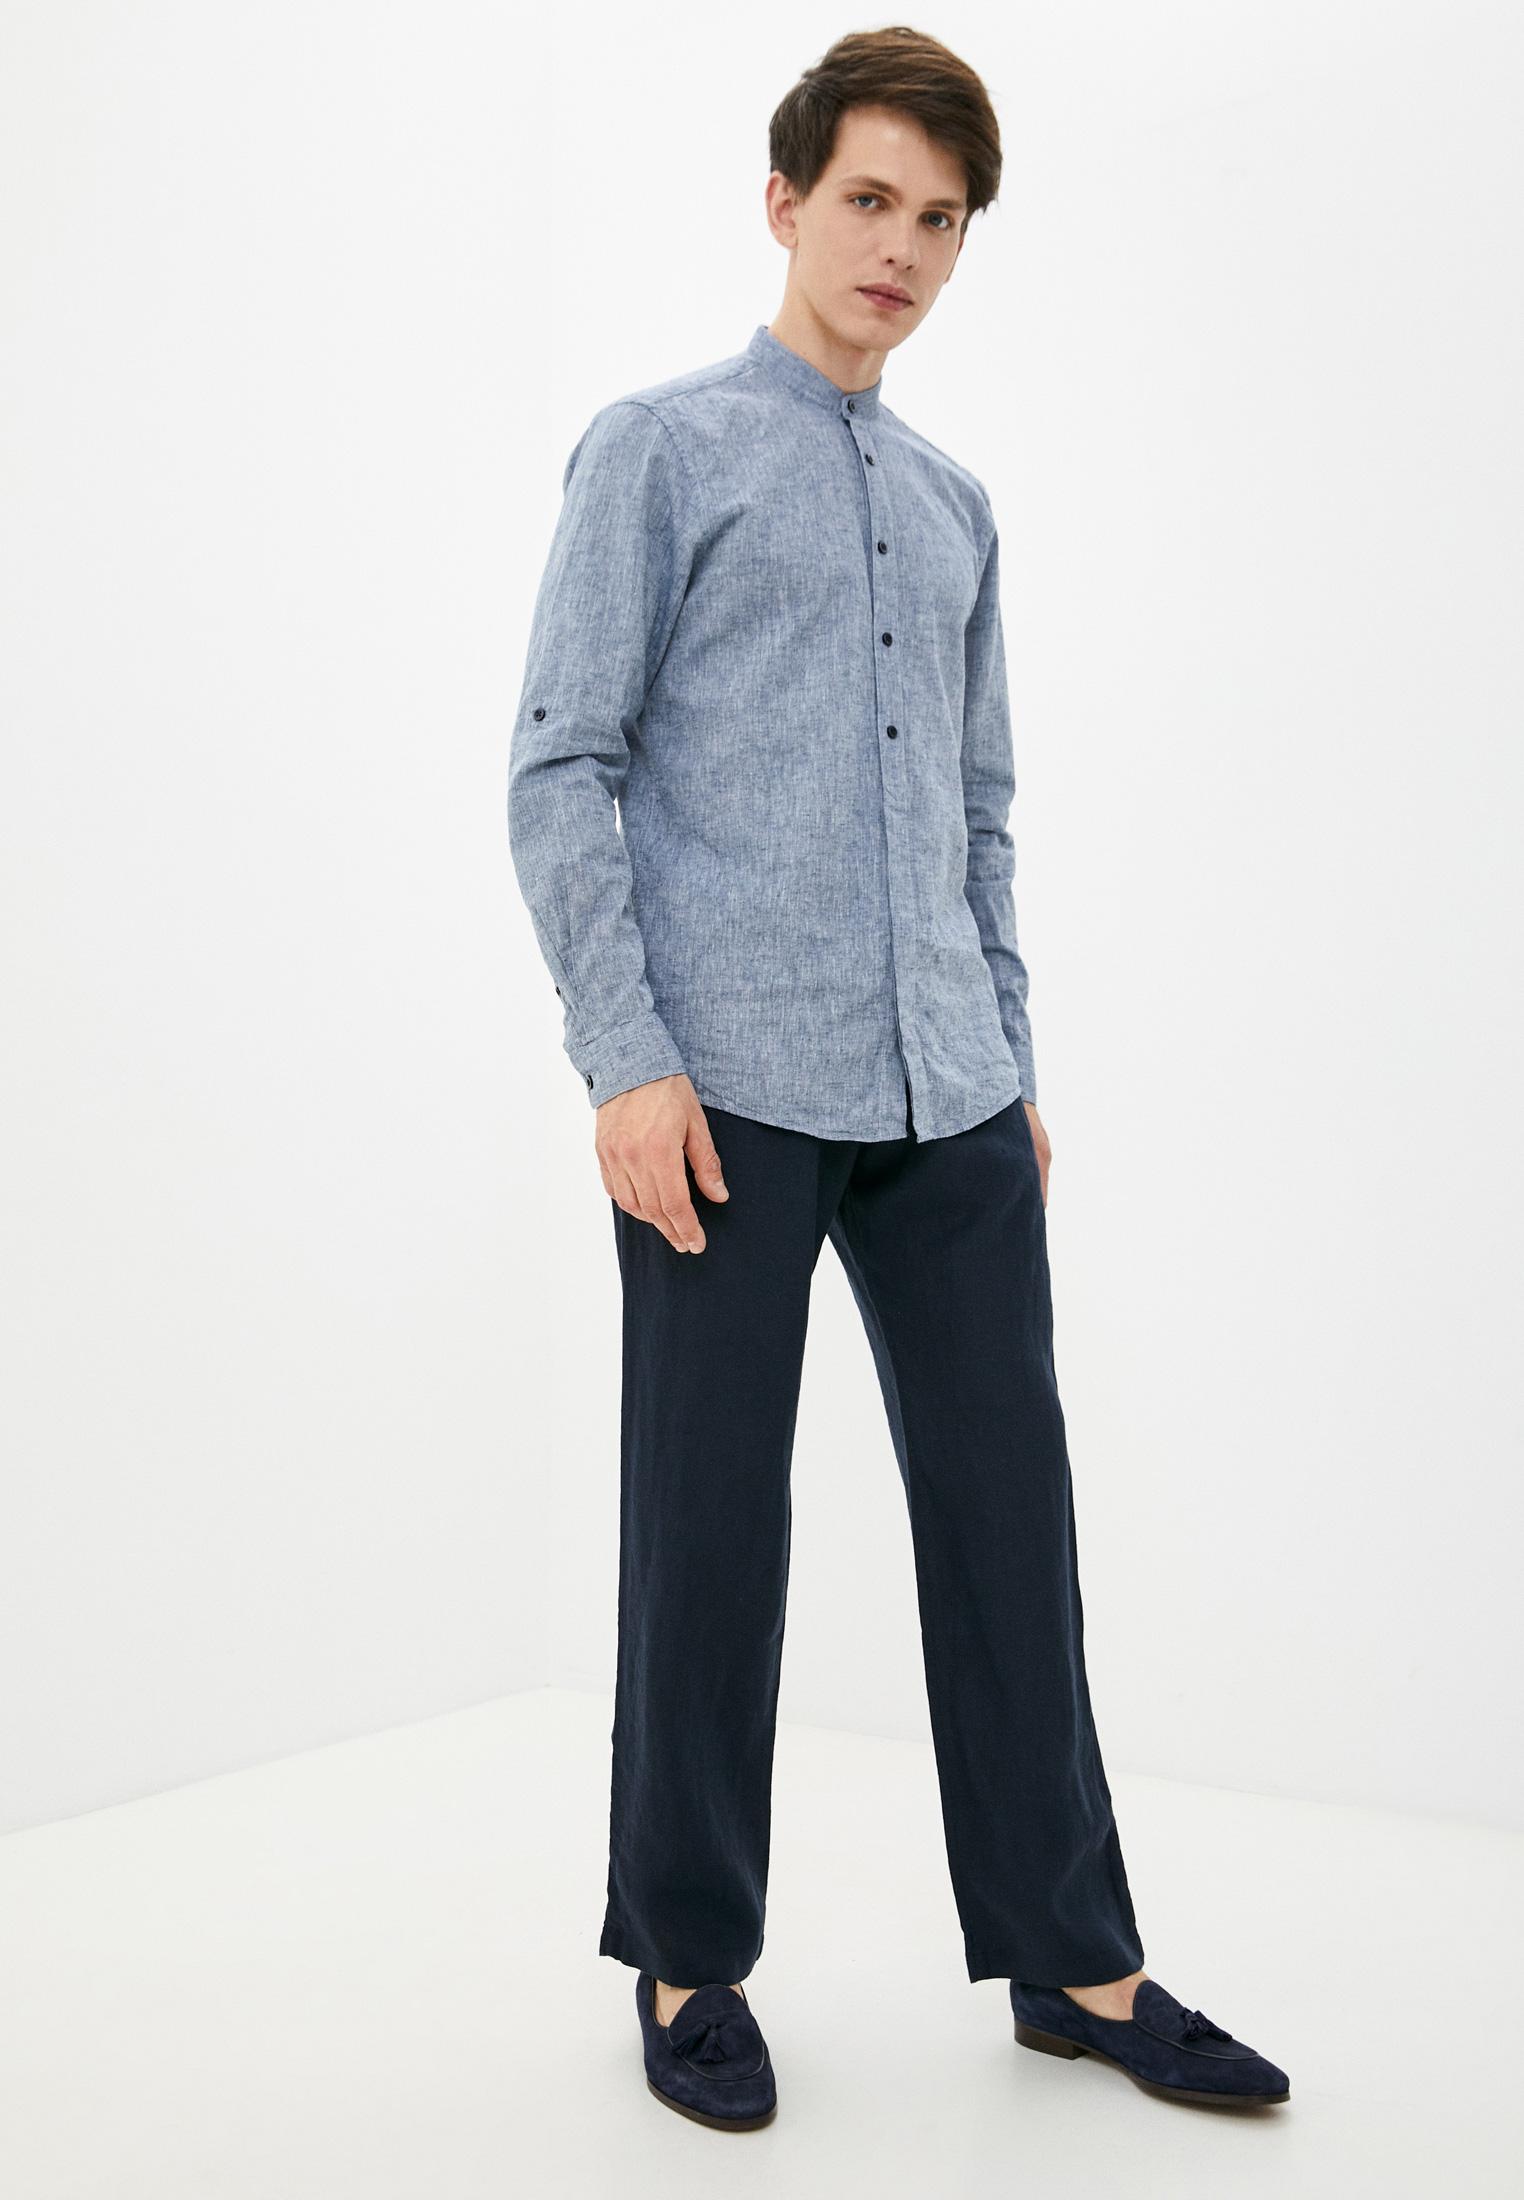 Рубашка с длинным рукавом Strellson 30026189: изображение 2